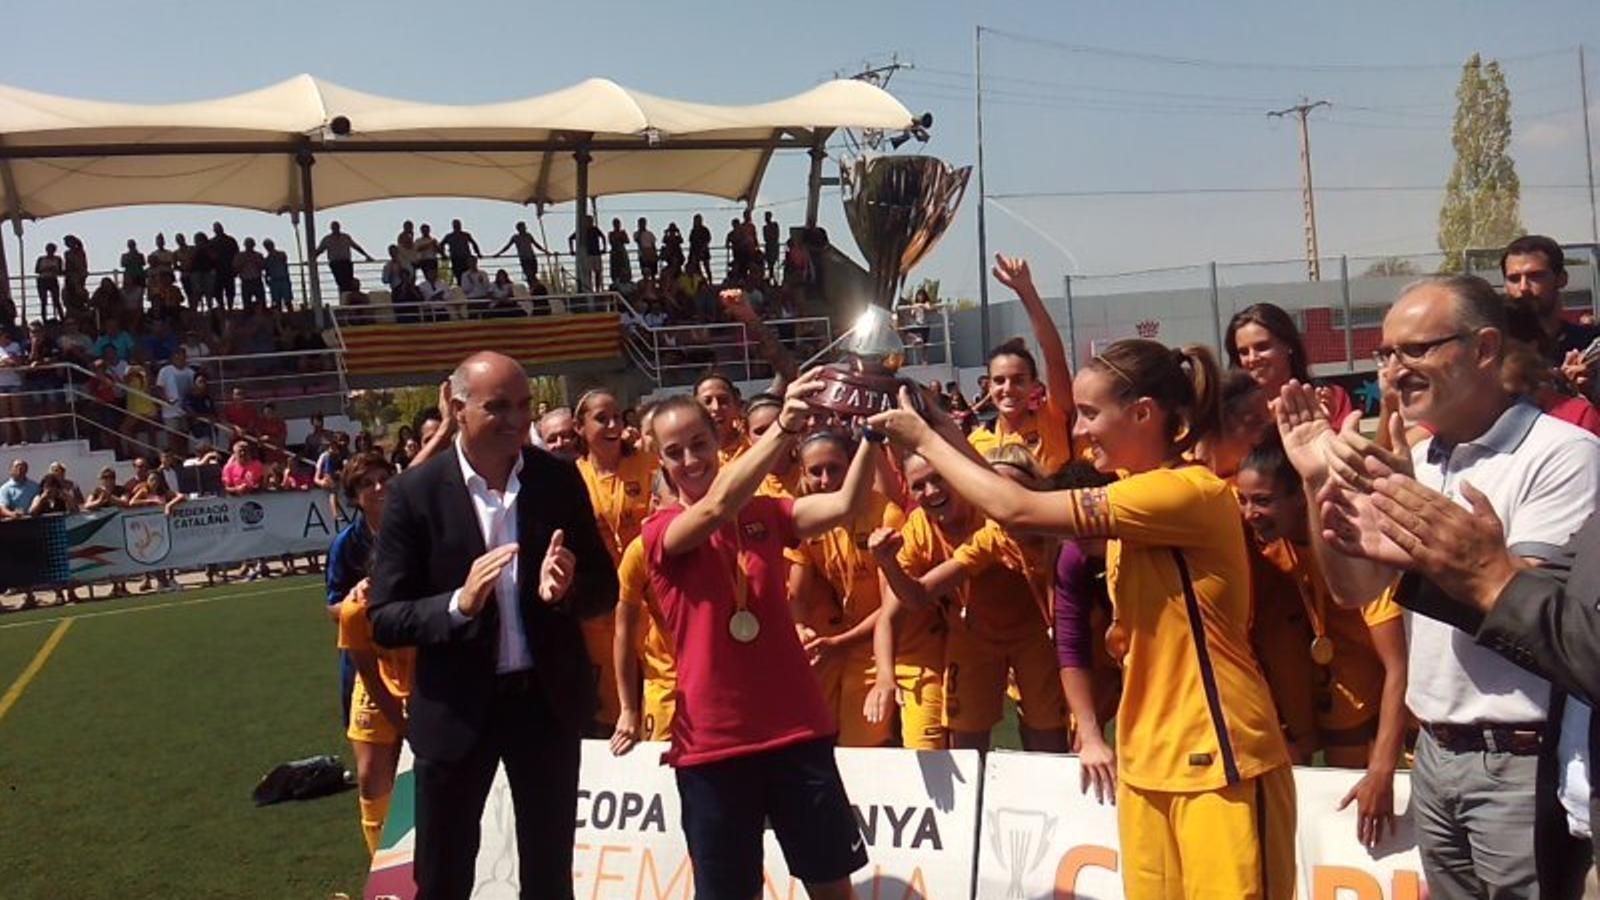 Les jugadores del Barça aixequen la Copa Catalunya